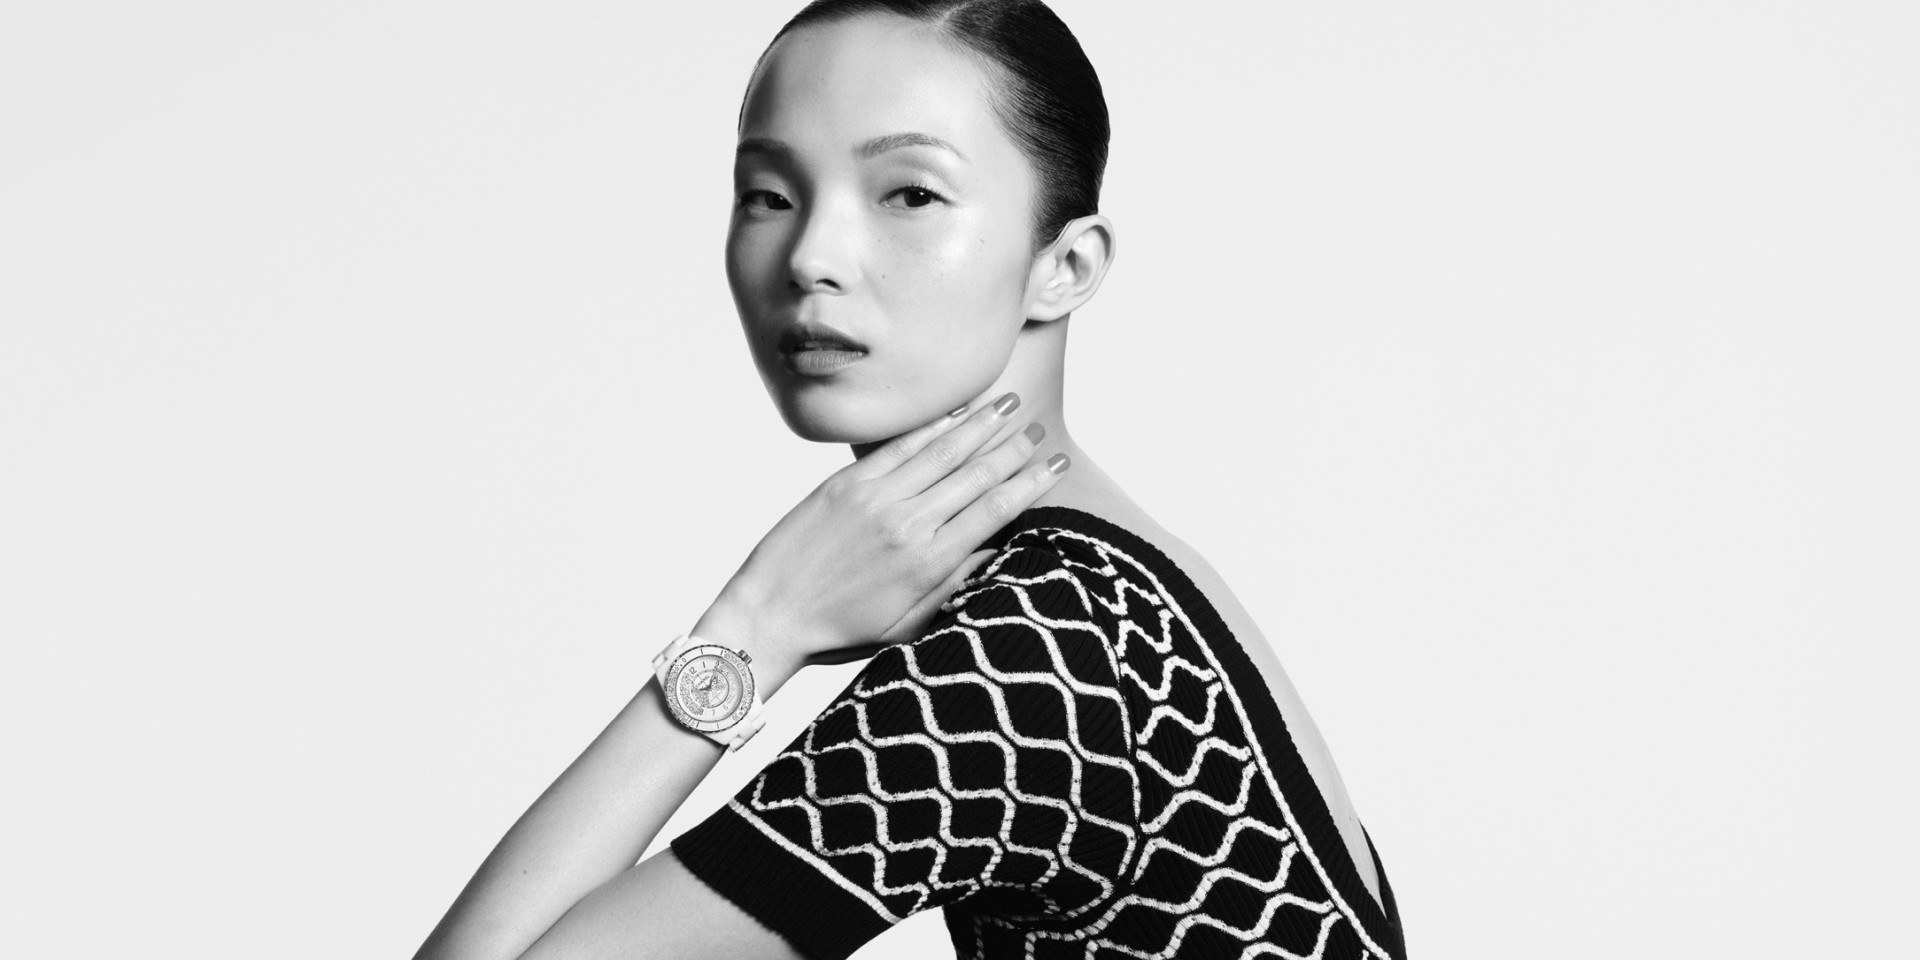 【2020線上錶展】經典傳奇二十年限量紀念之作:Chanel J12.20 腕錶系列